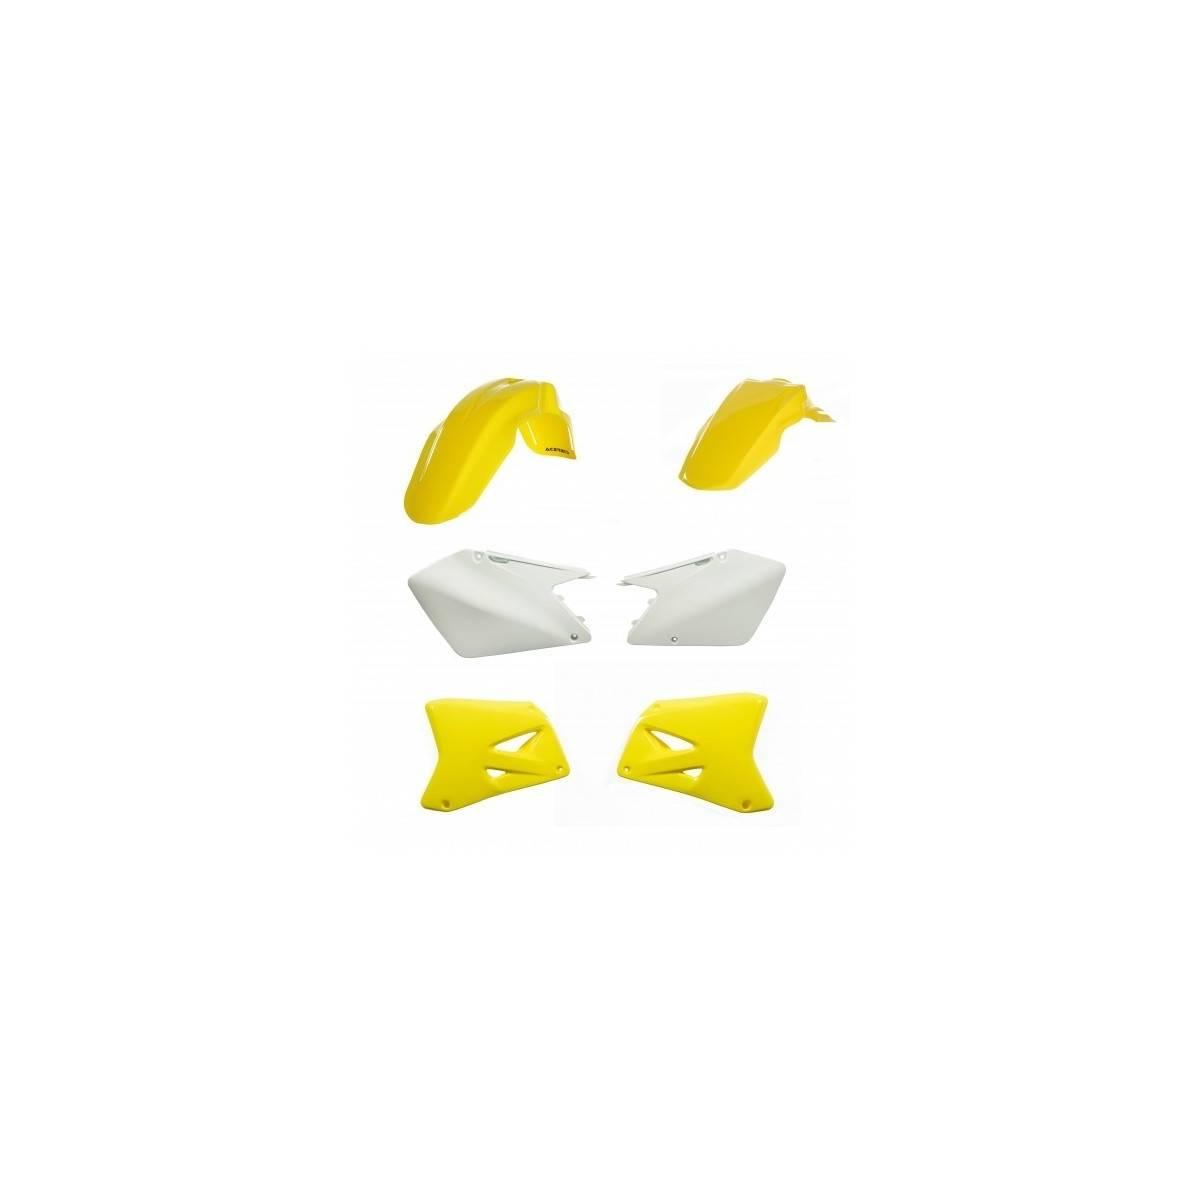 0021830-061 - Kit Plasticos Acerbis Hva Tc Fc 16 18 Amarillo Fluor